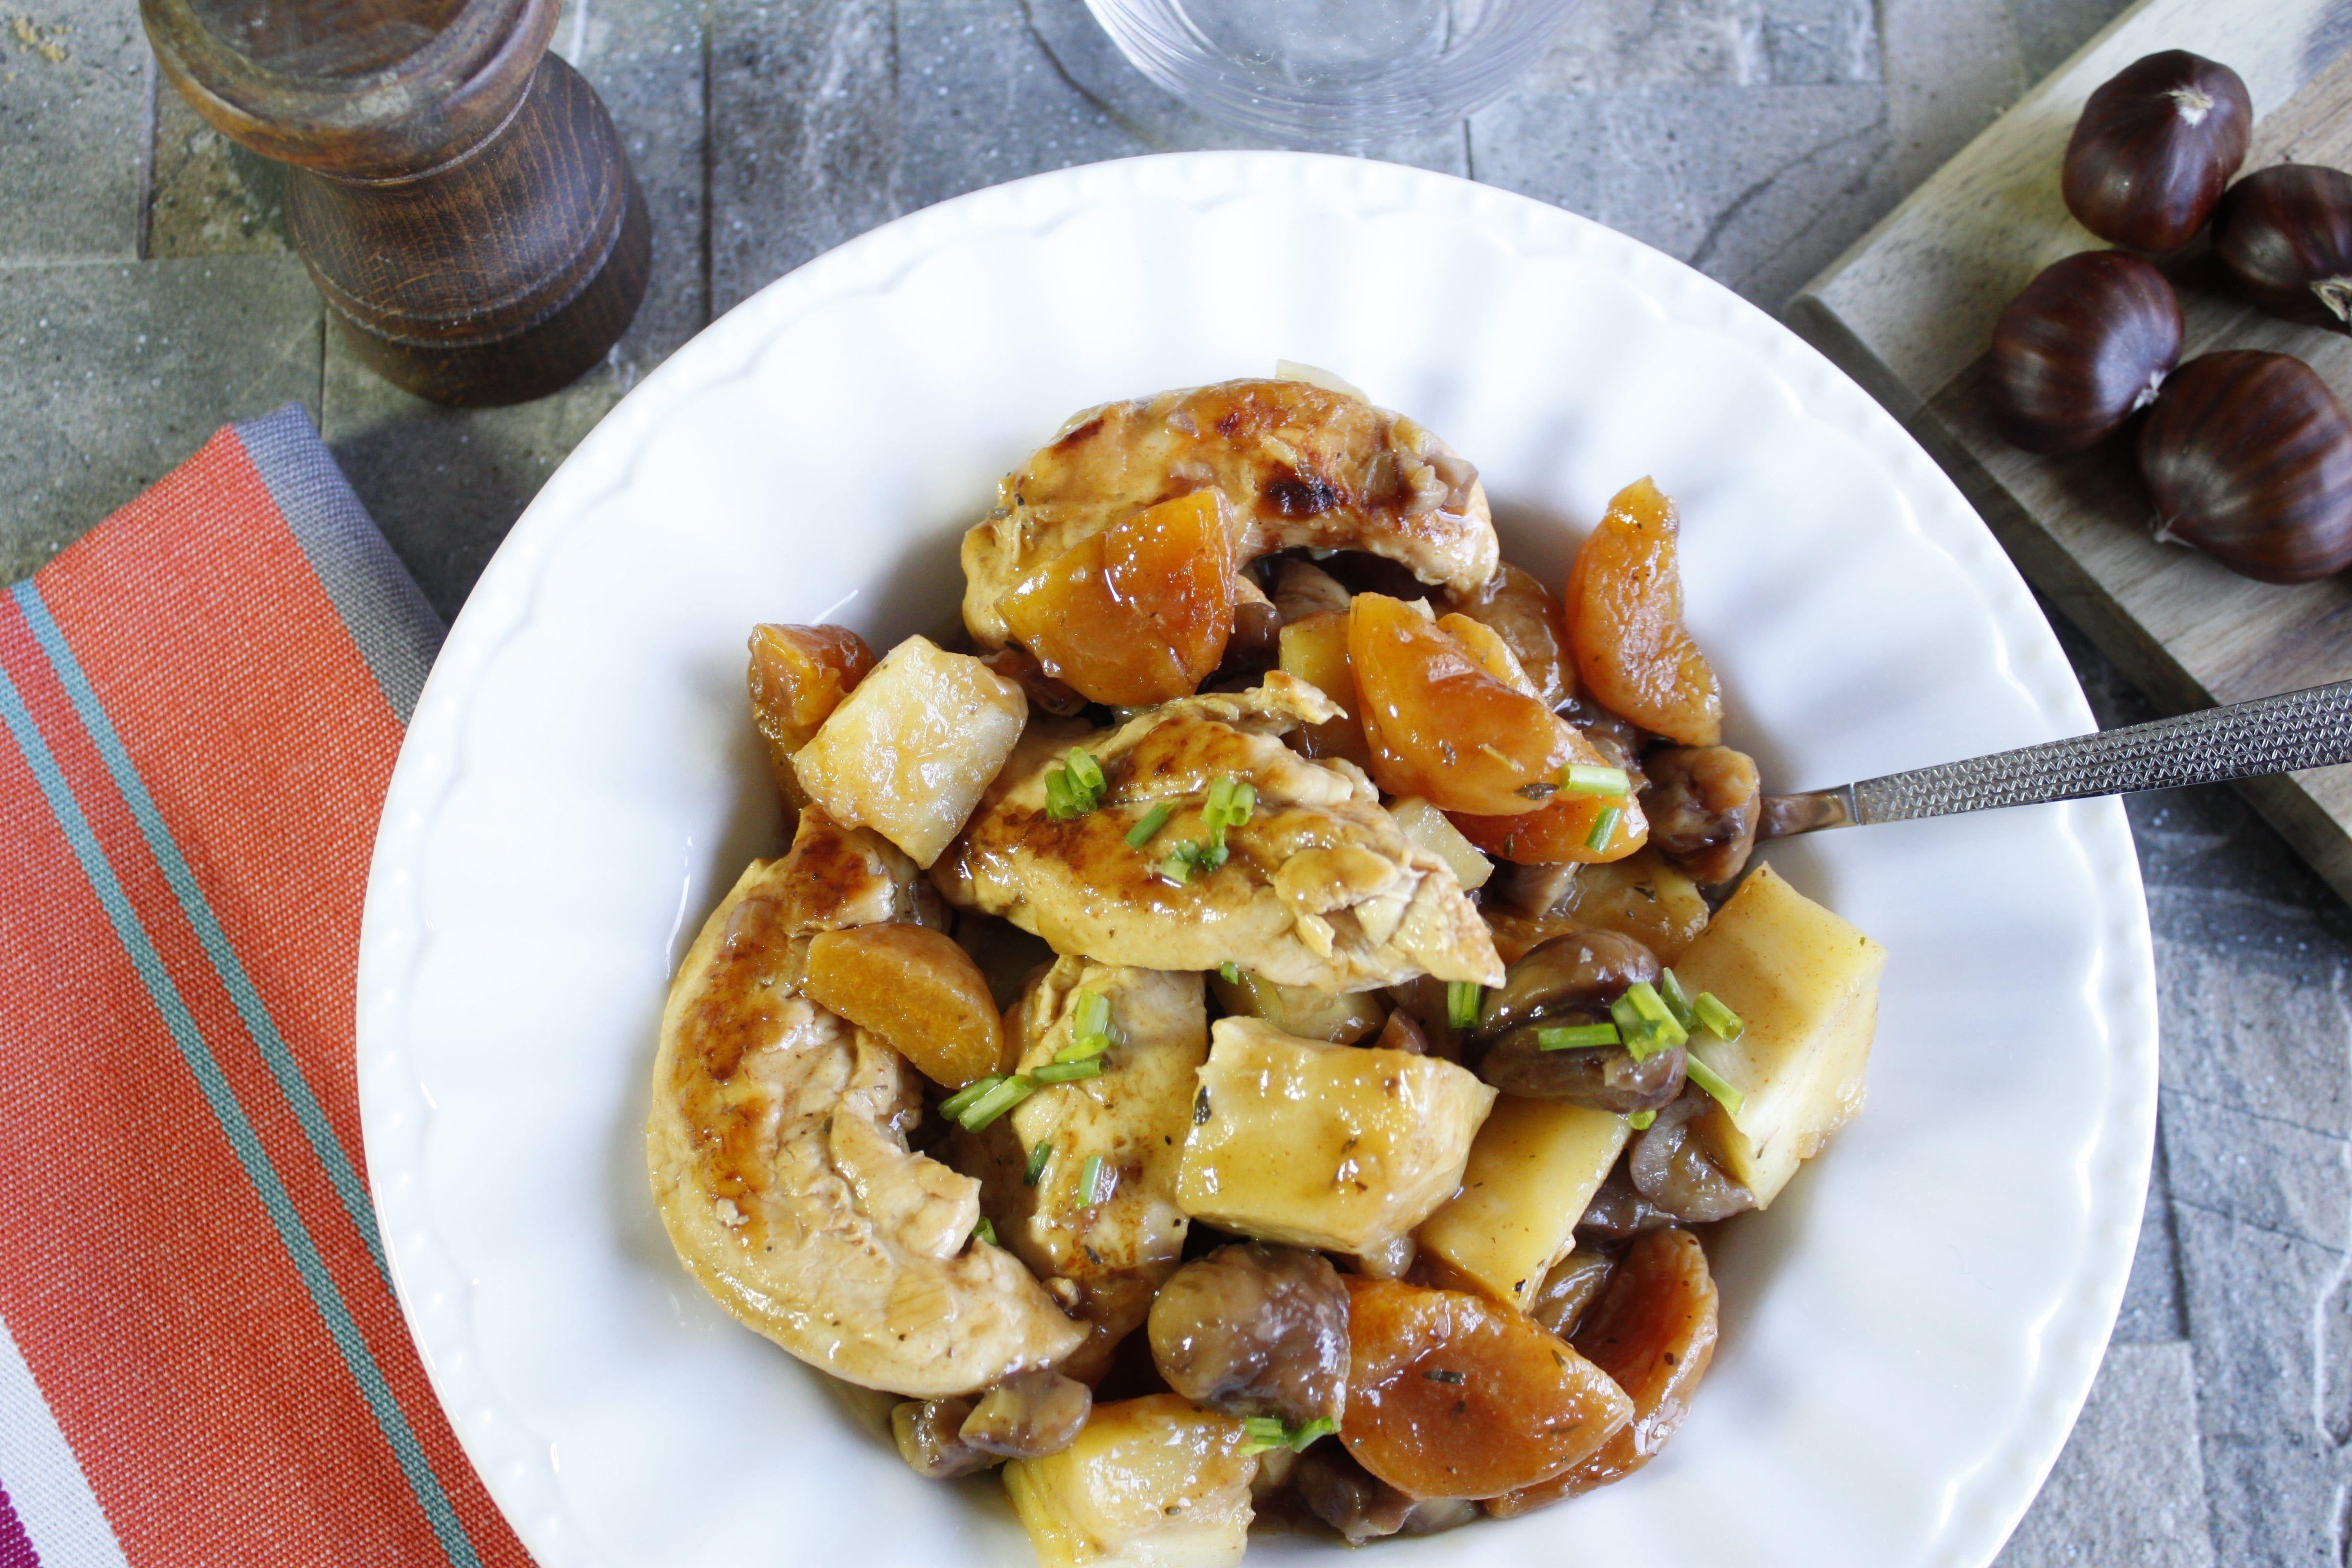 poulet aux marrons et abricots cookeo recette cookeo recette recette recette poulet